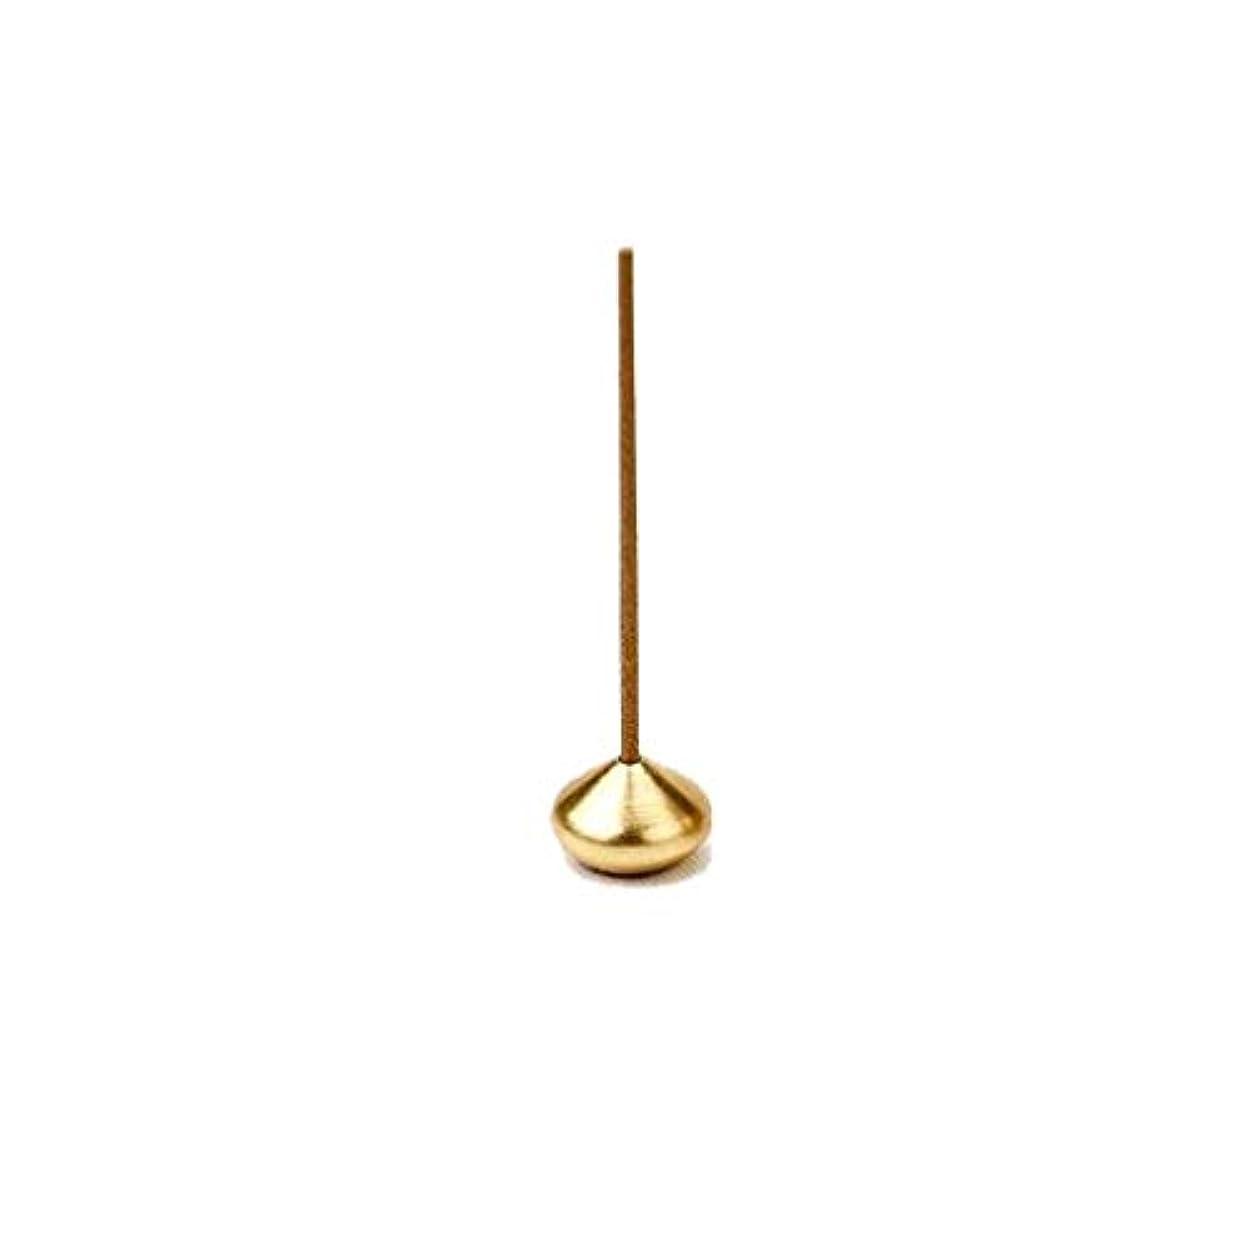 夜明けに資料懐疑論銅香炉ラウンドひょうたん型香スティックコイルボトルバーナーホルダー多孔性香ホルダーホームフレグランス (Color : B)